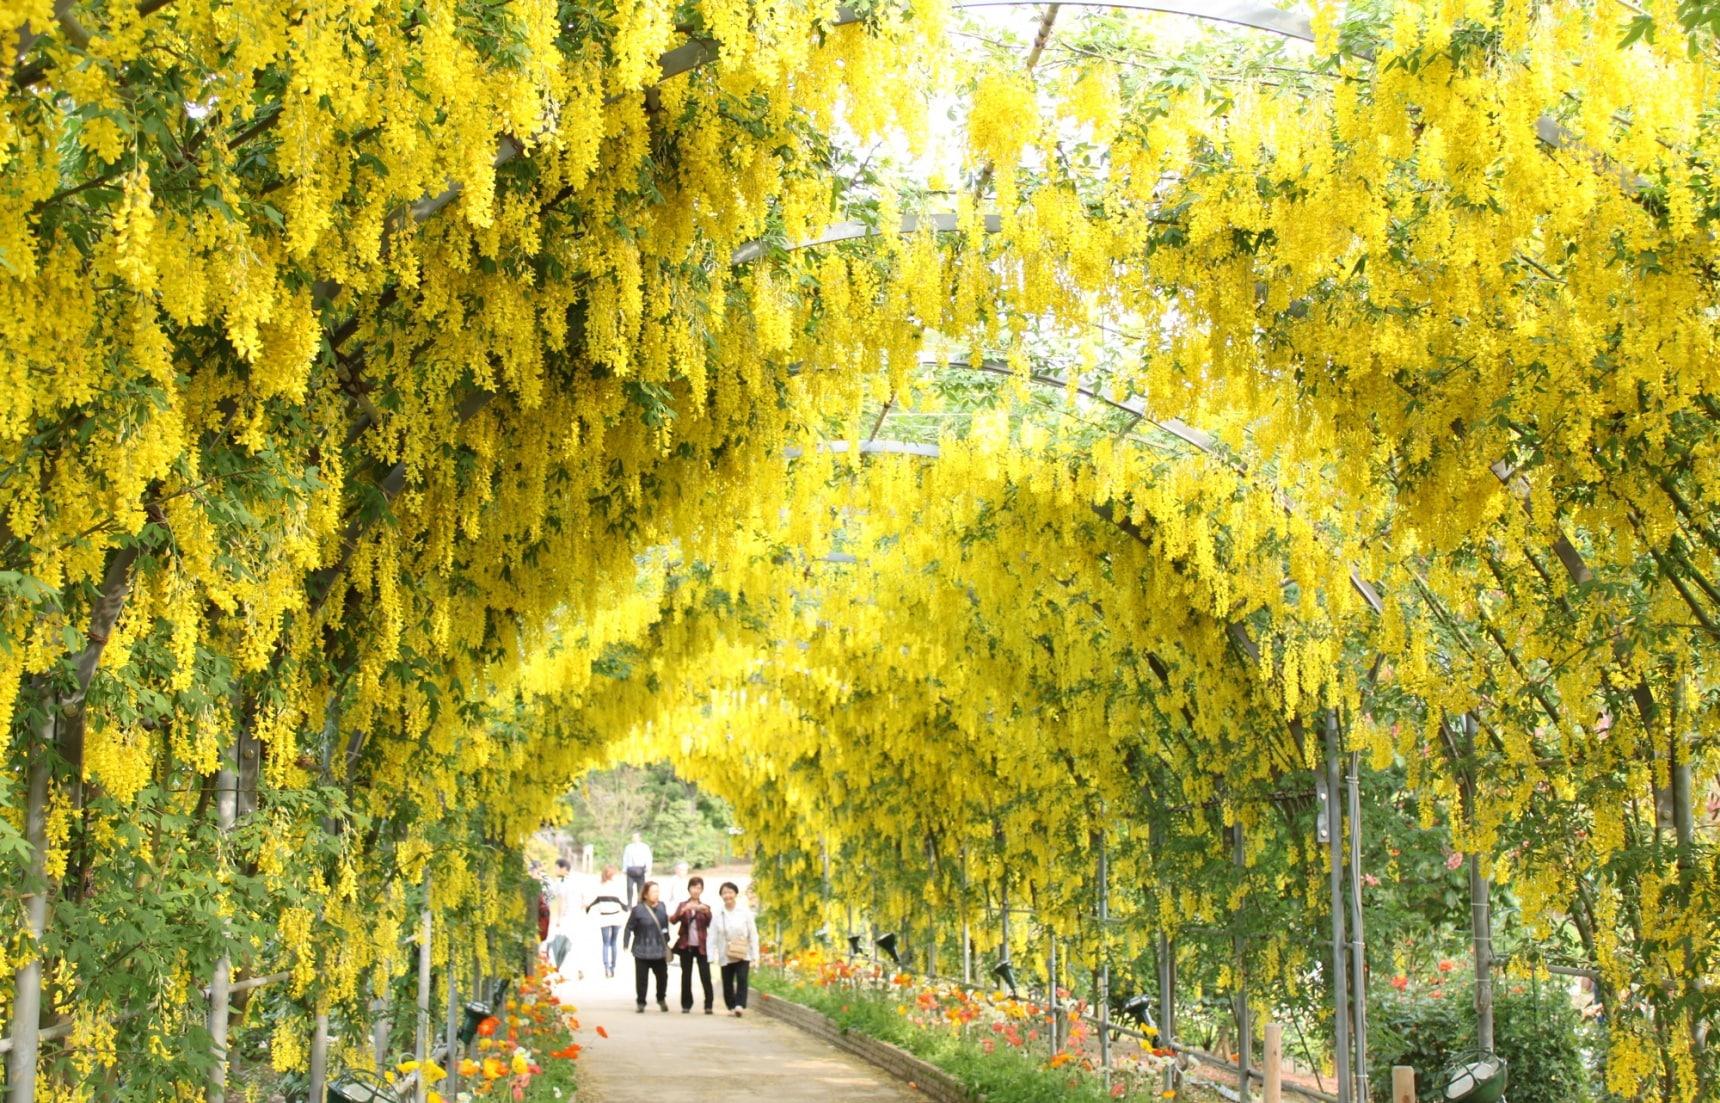 【日本自由行】錯過櫻花季覺得扼腕嗎?日本黃金週必訪賞花景點全公開,準備打卡曬美照!